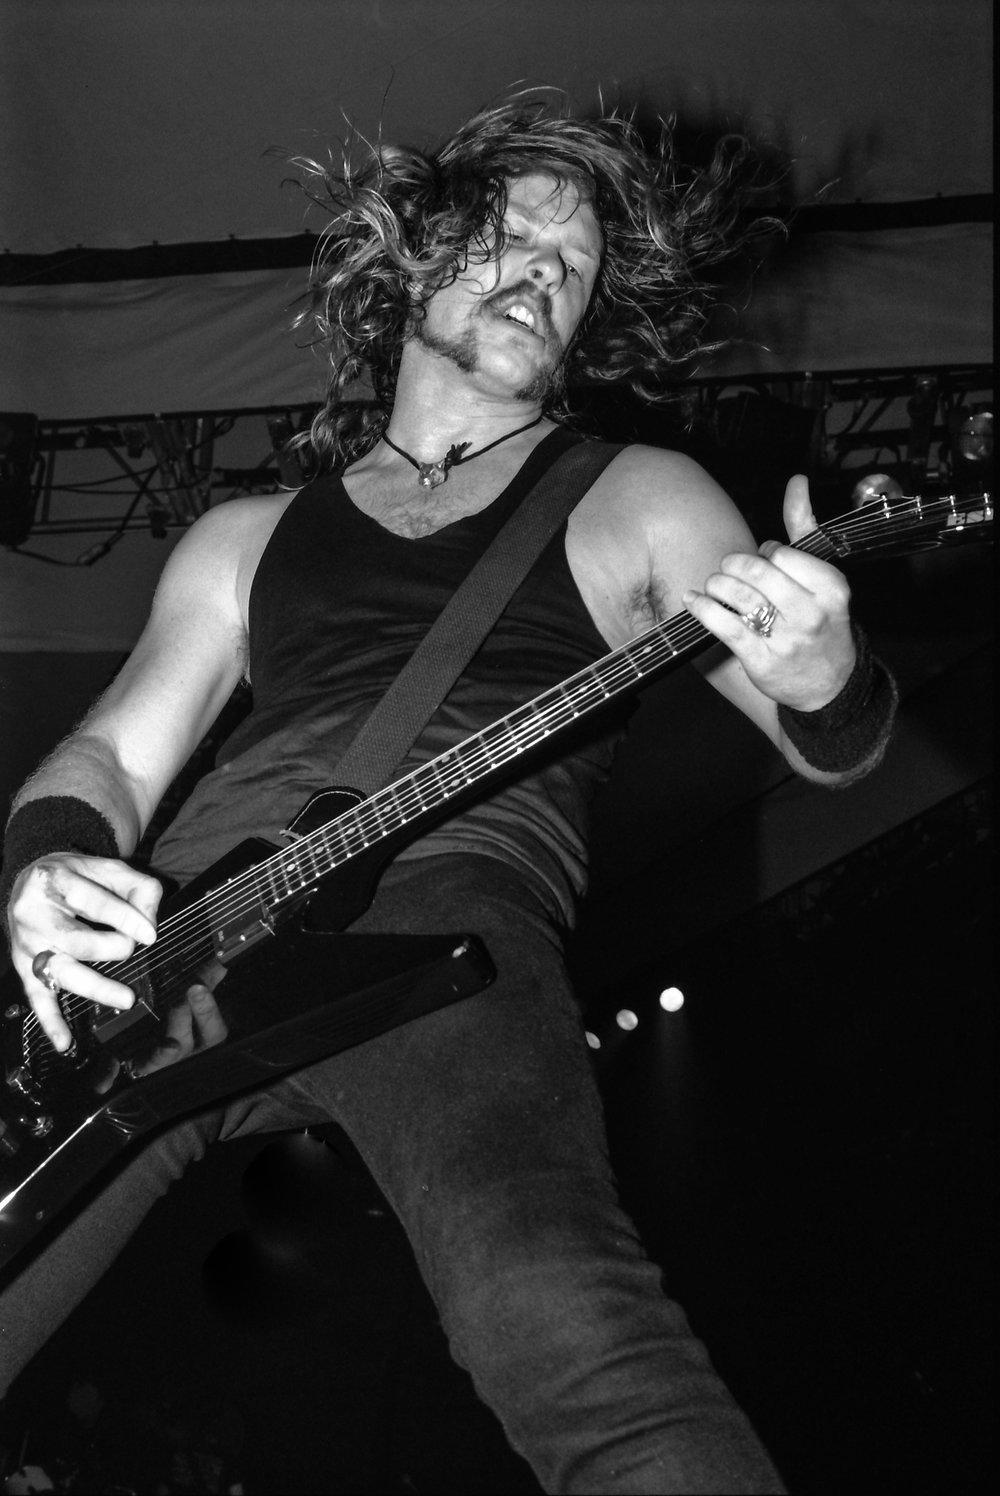 James Hetfield/Metallica - 1991